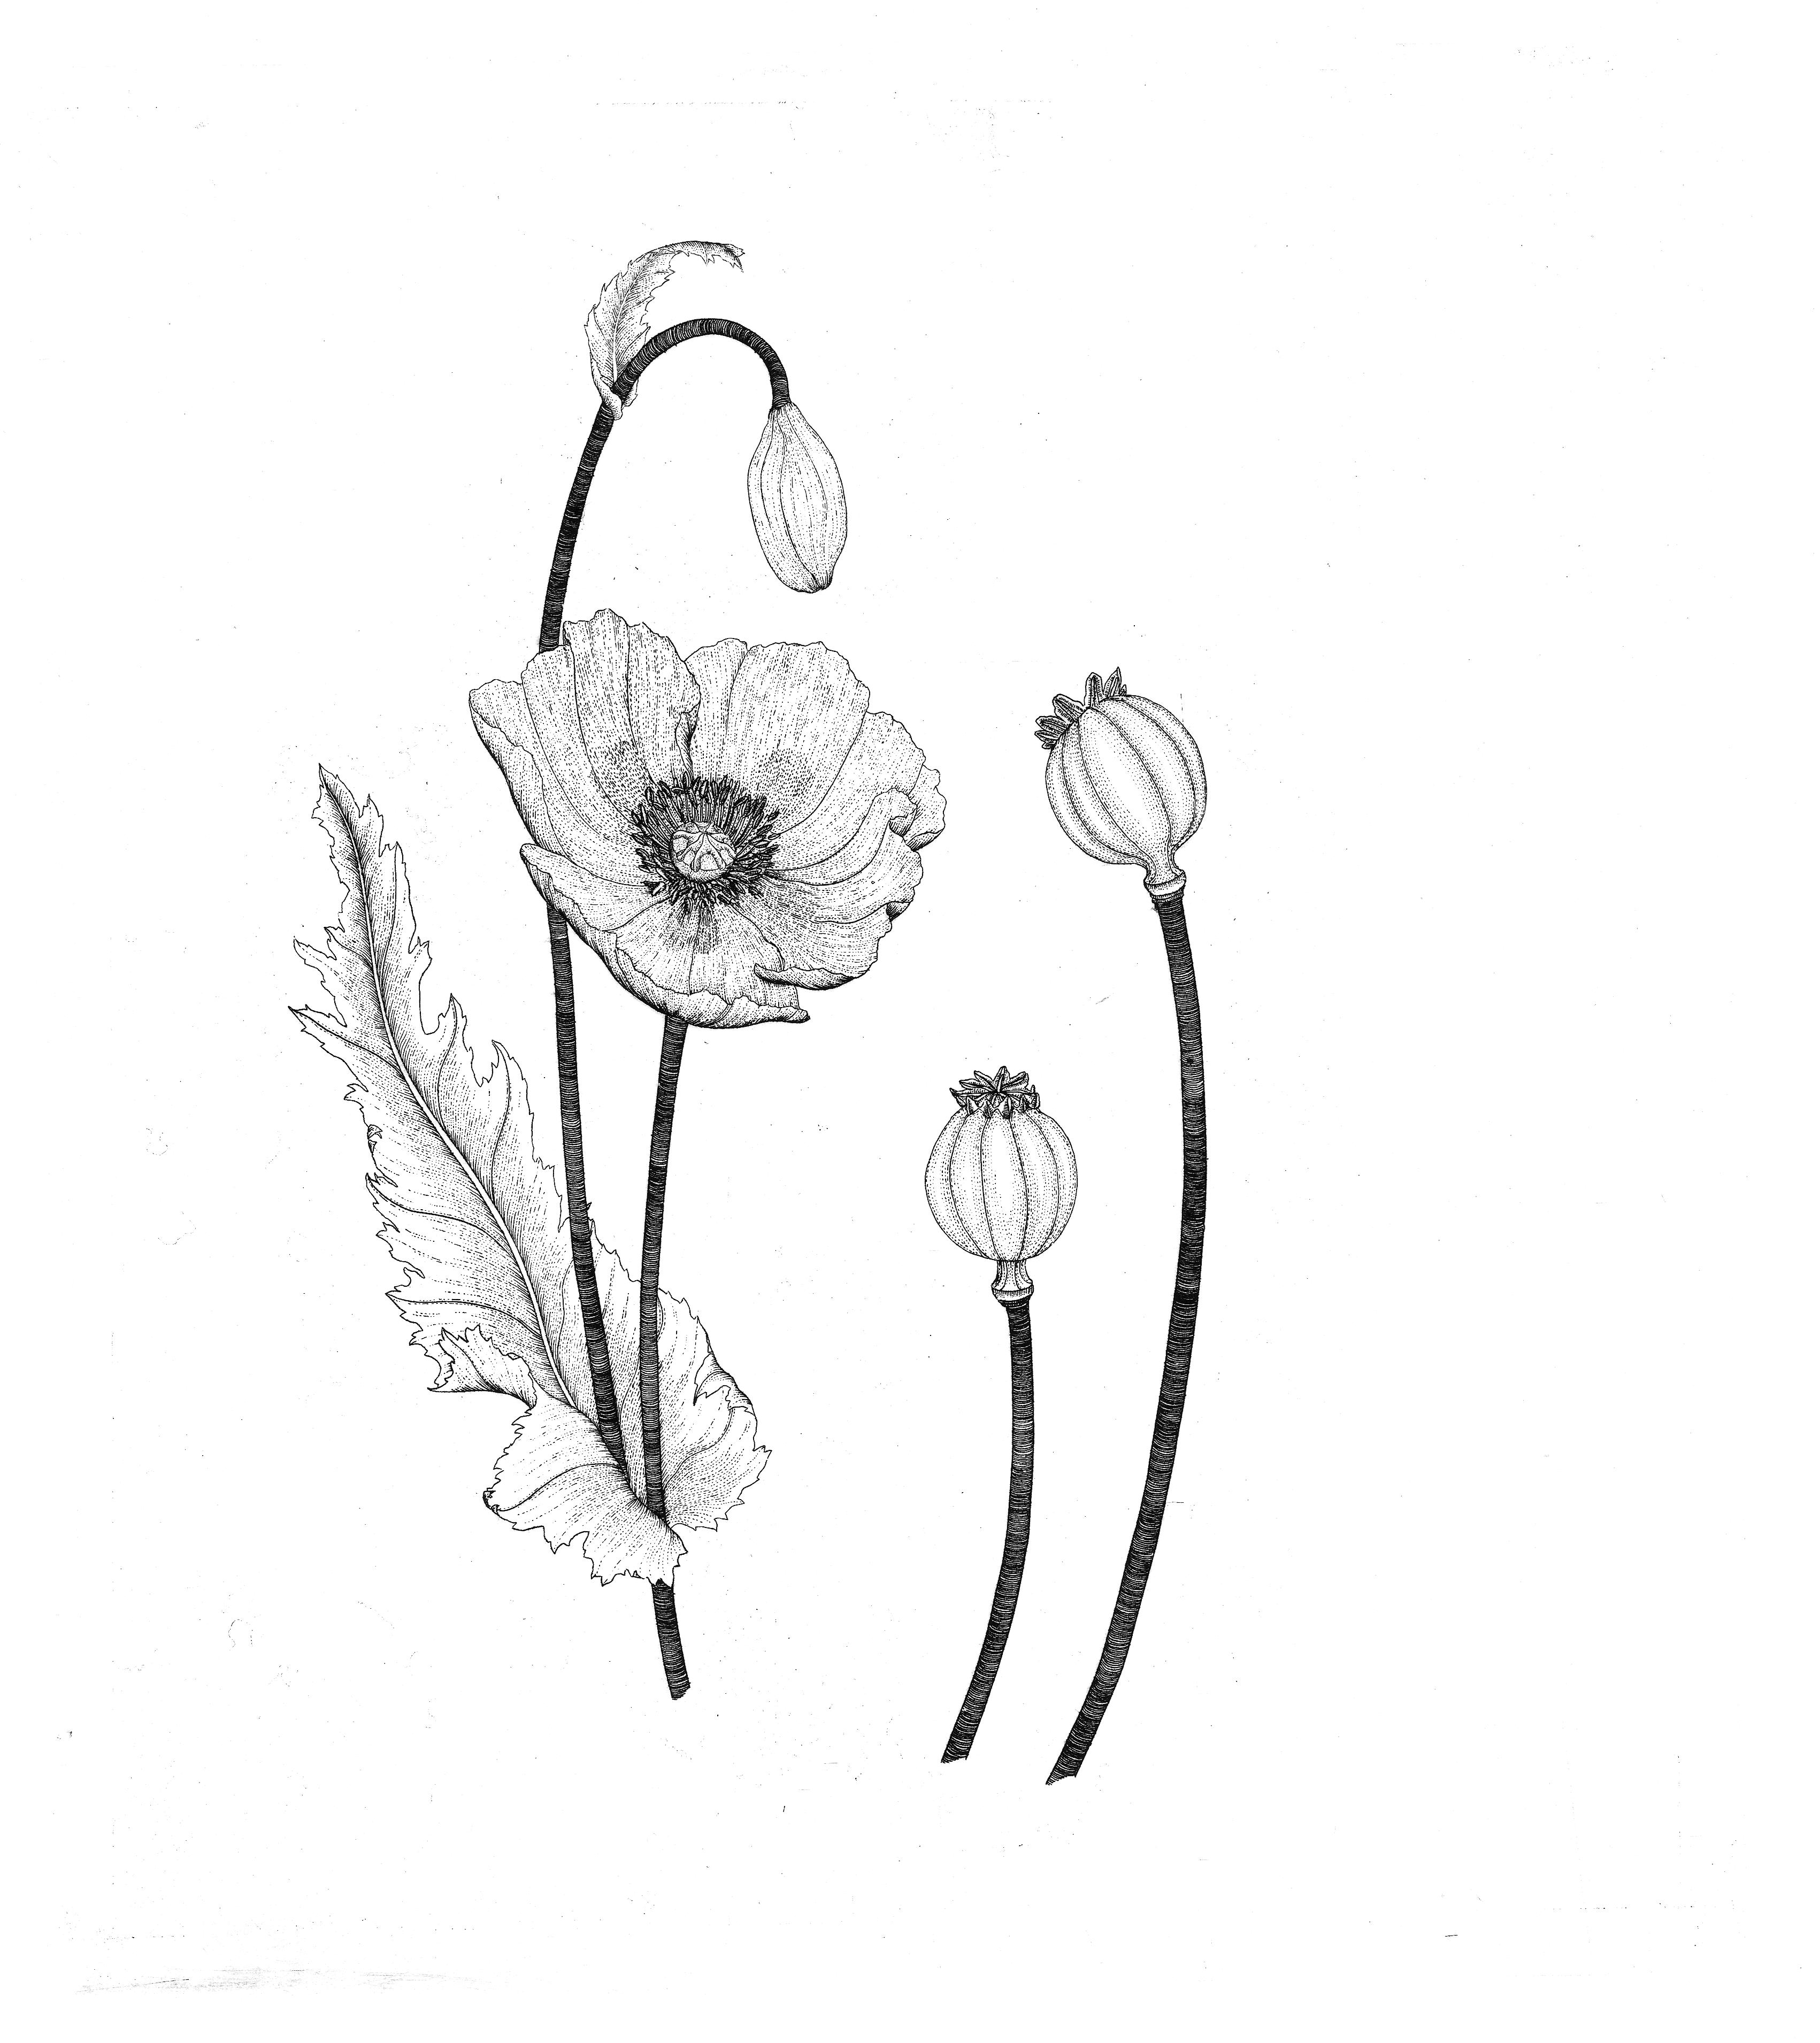 Drawn poppy amapola Poppy & & Opium Suggestions